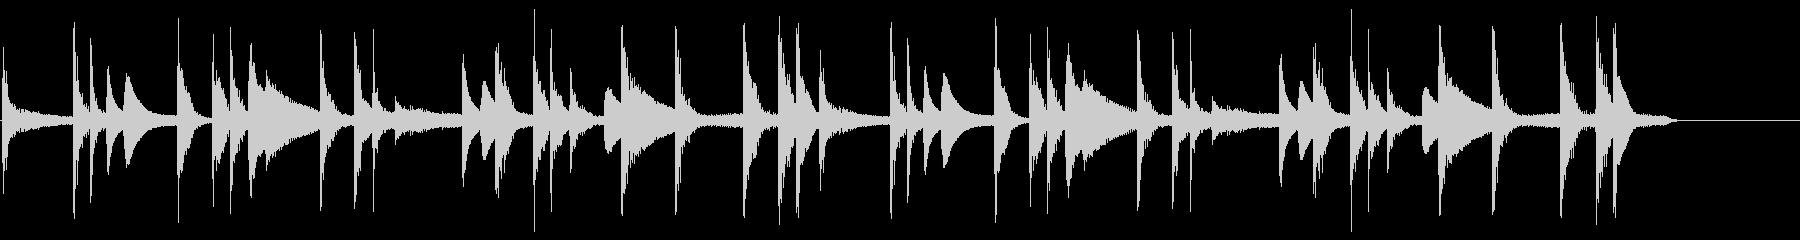 SYFIチャネルステーションIDに...の未再生の波形